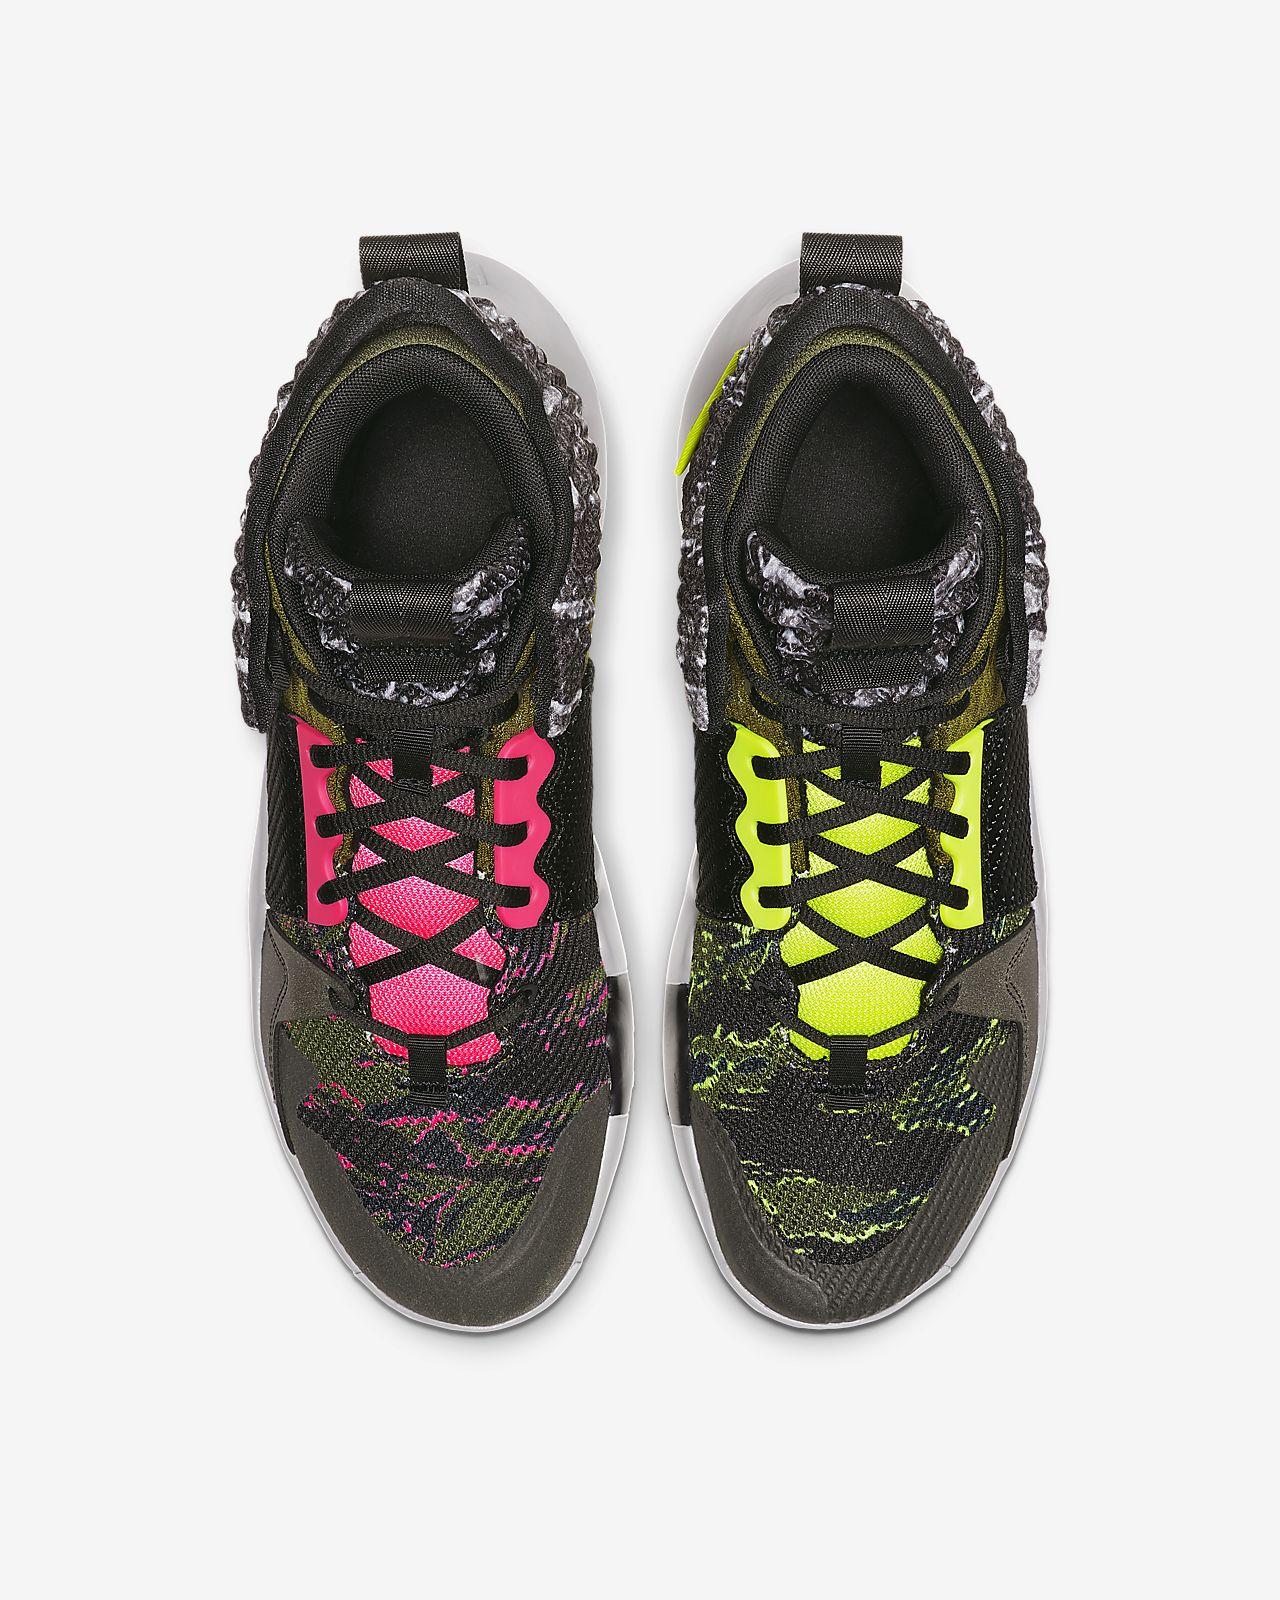 4c0dc9761733 Zer0.2 Basketball Shoe Jordan  Why Not   Zer0.2 Basketball Shoe